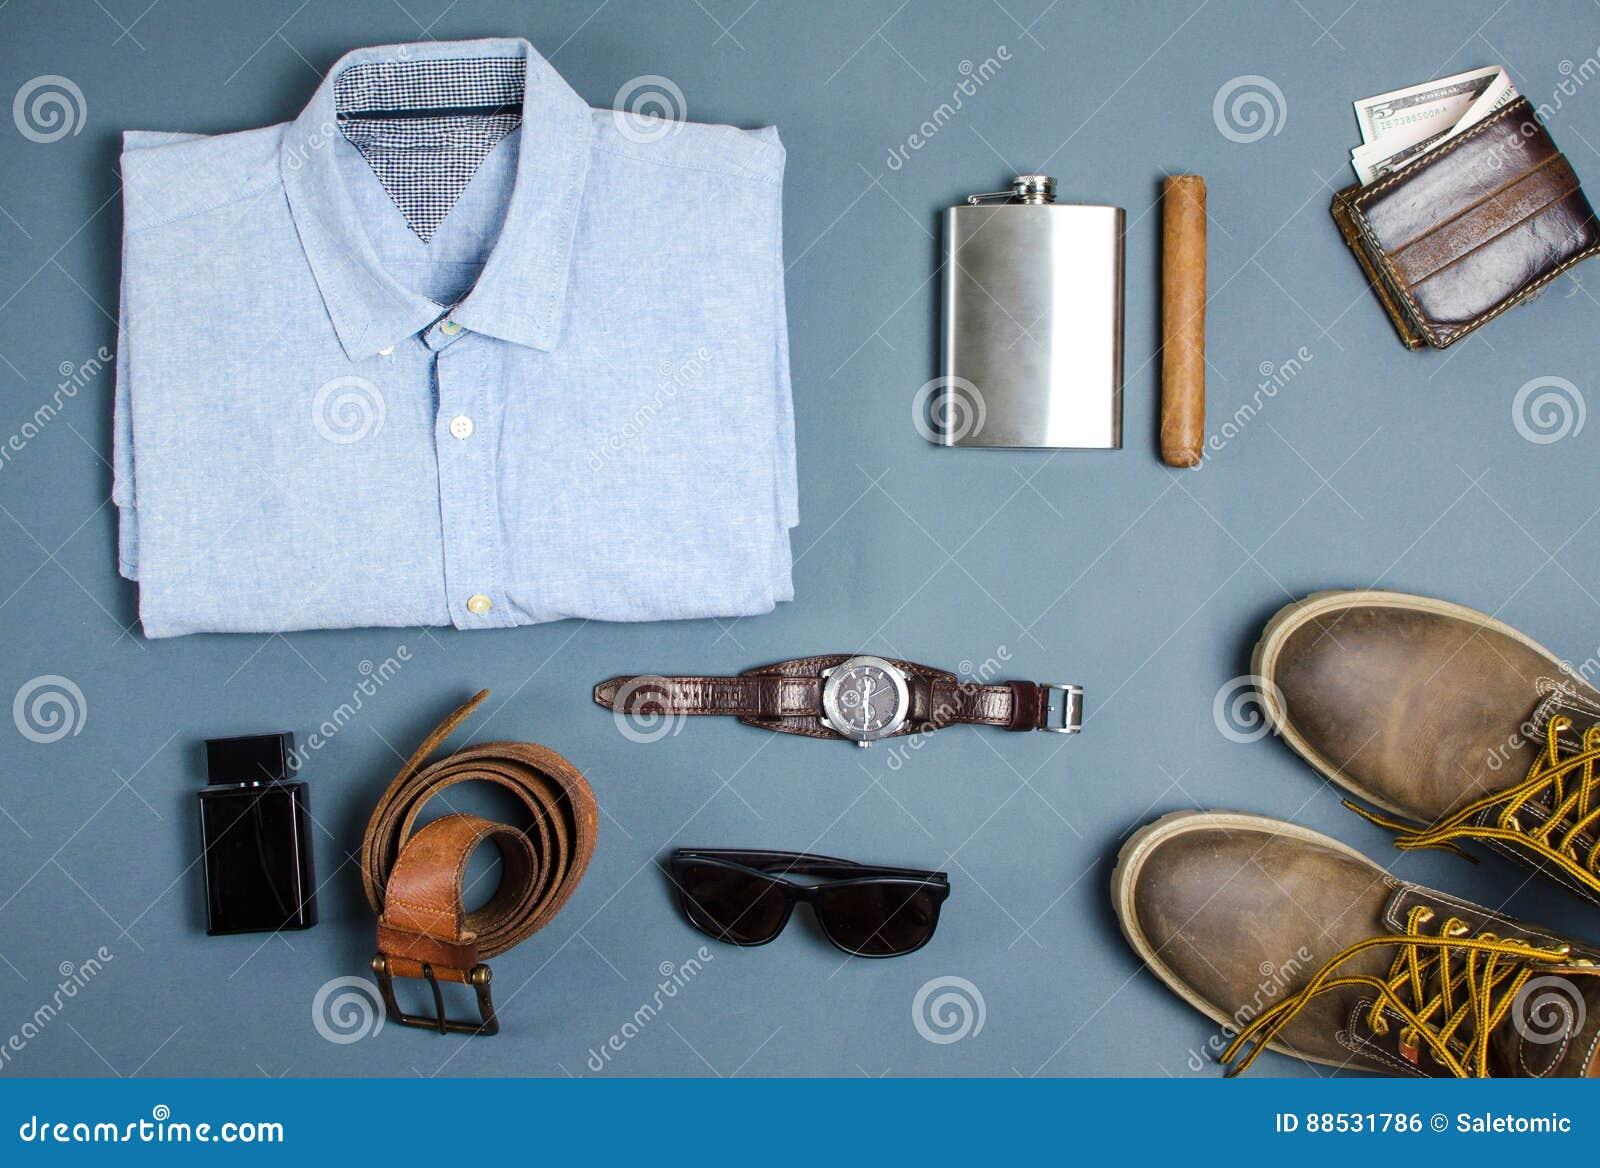 newest 21a24 6e225 Männliche Kleidung Und Mode-Accessoires Flatlay Stockfoto ...